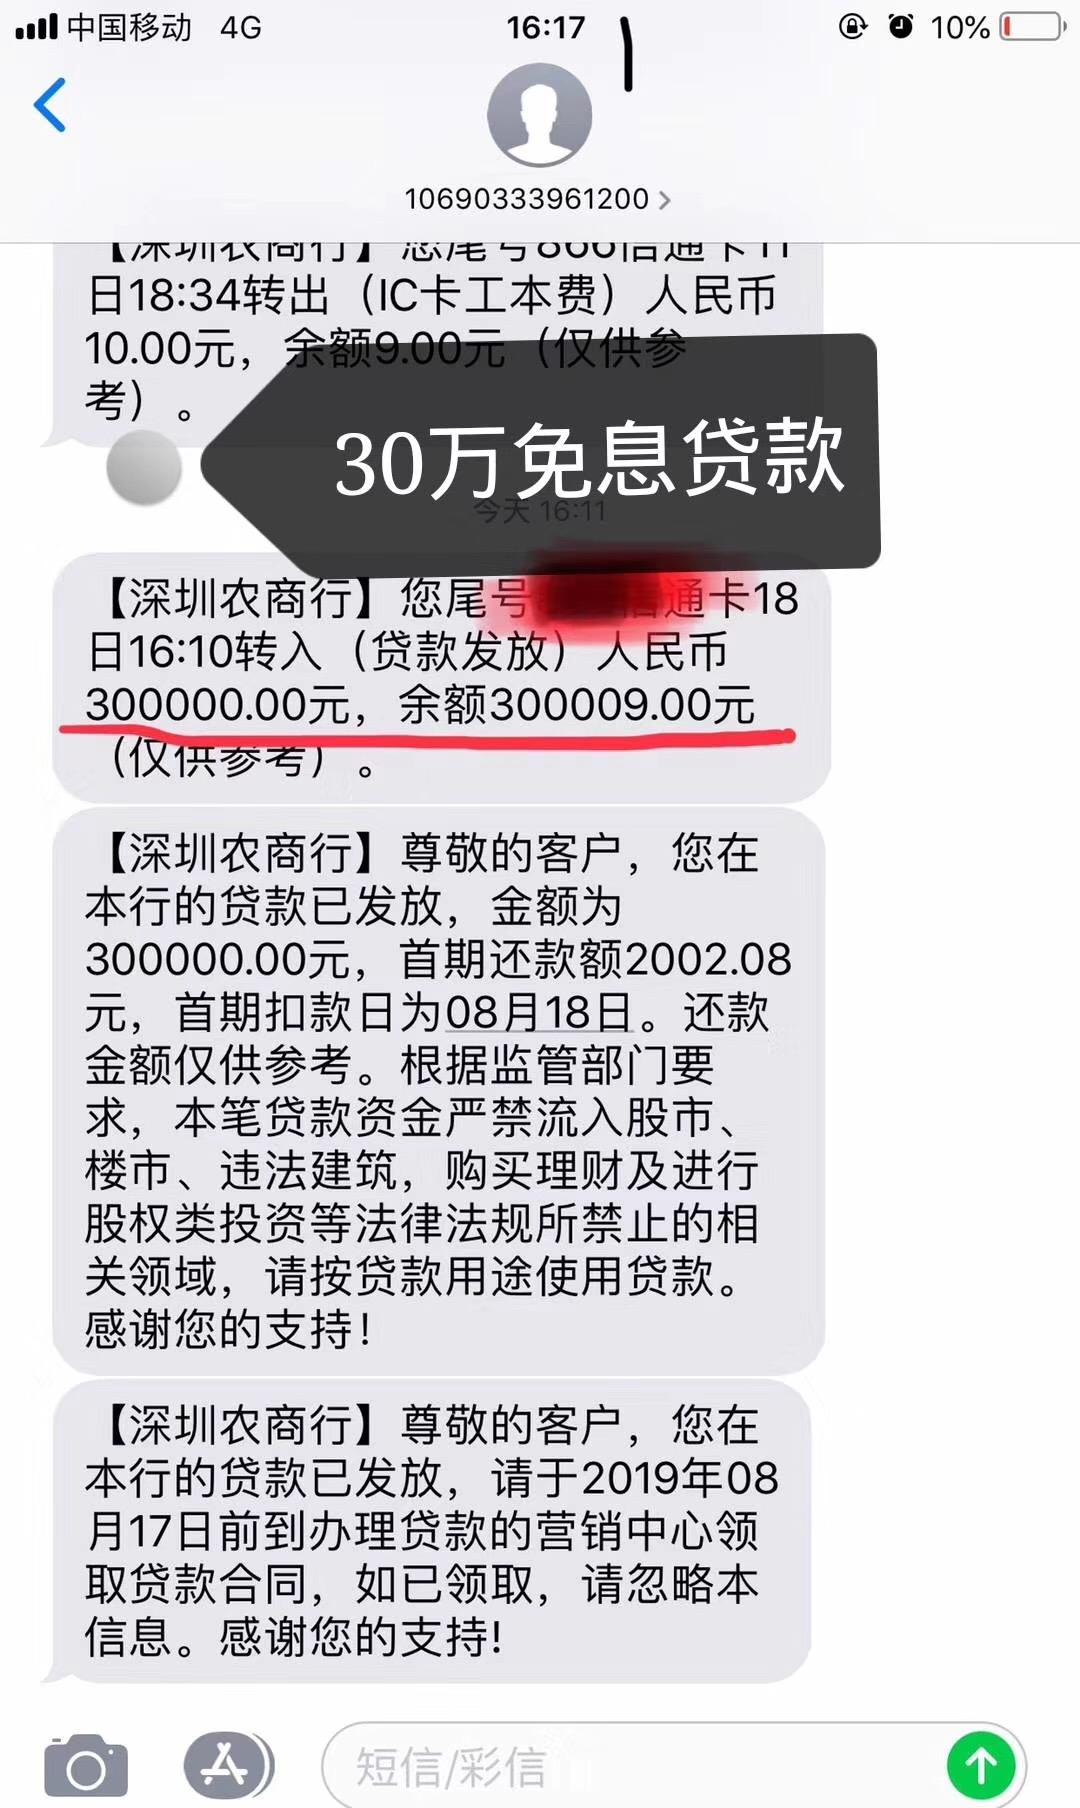 龍華區創業_辦廠創業項目相關-深圳市茗杰知識產權代理有限公司